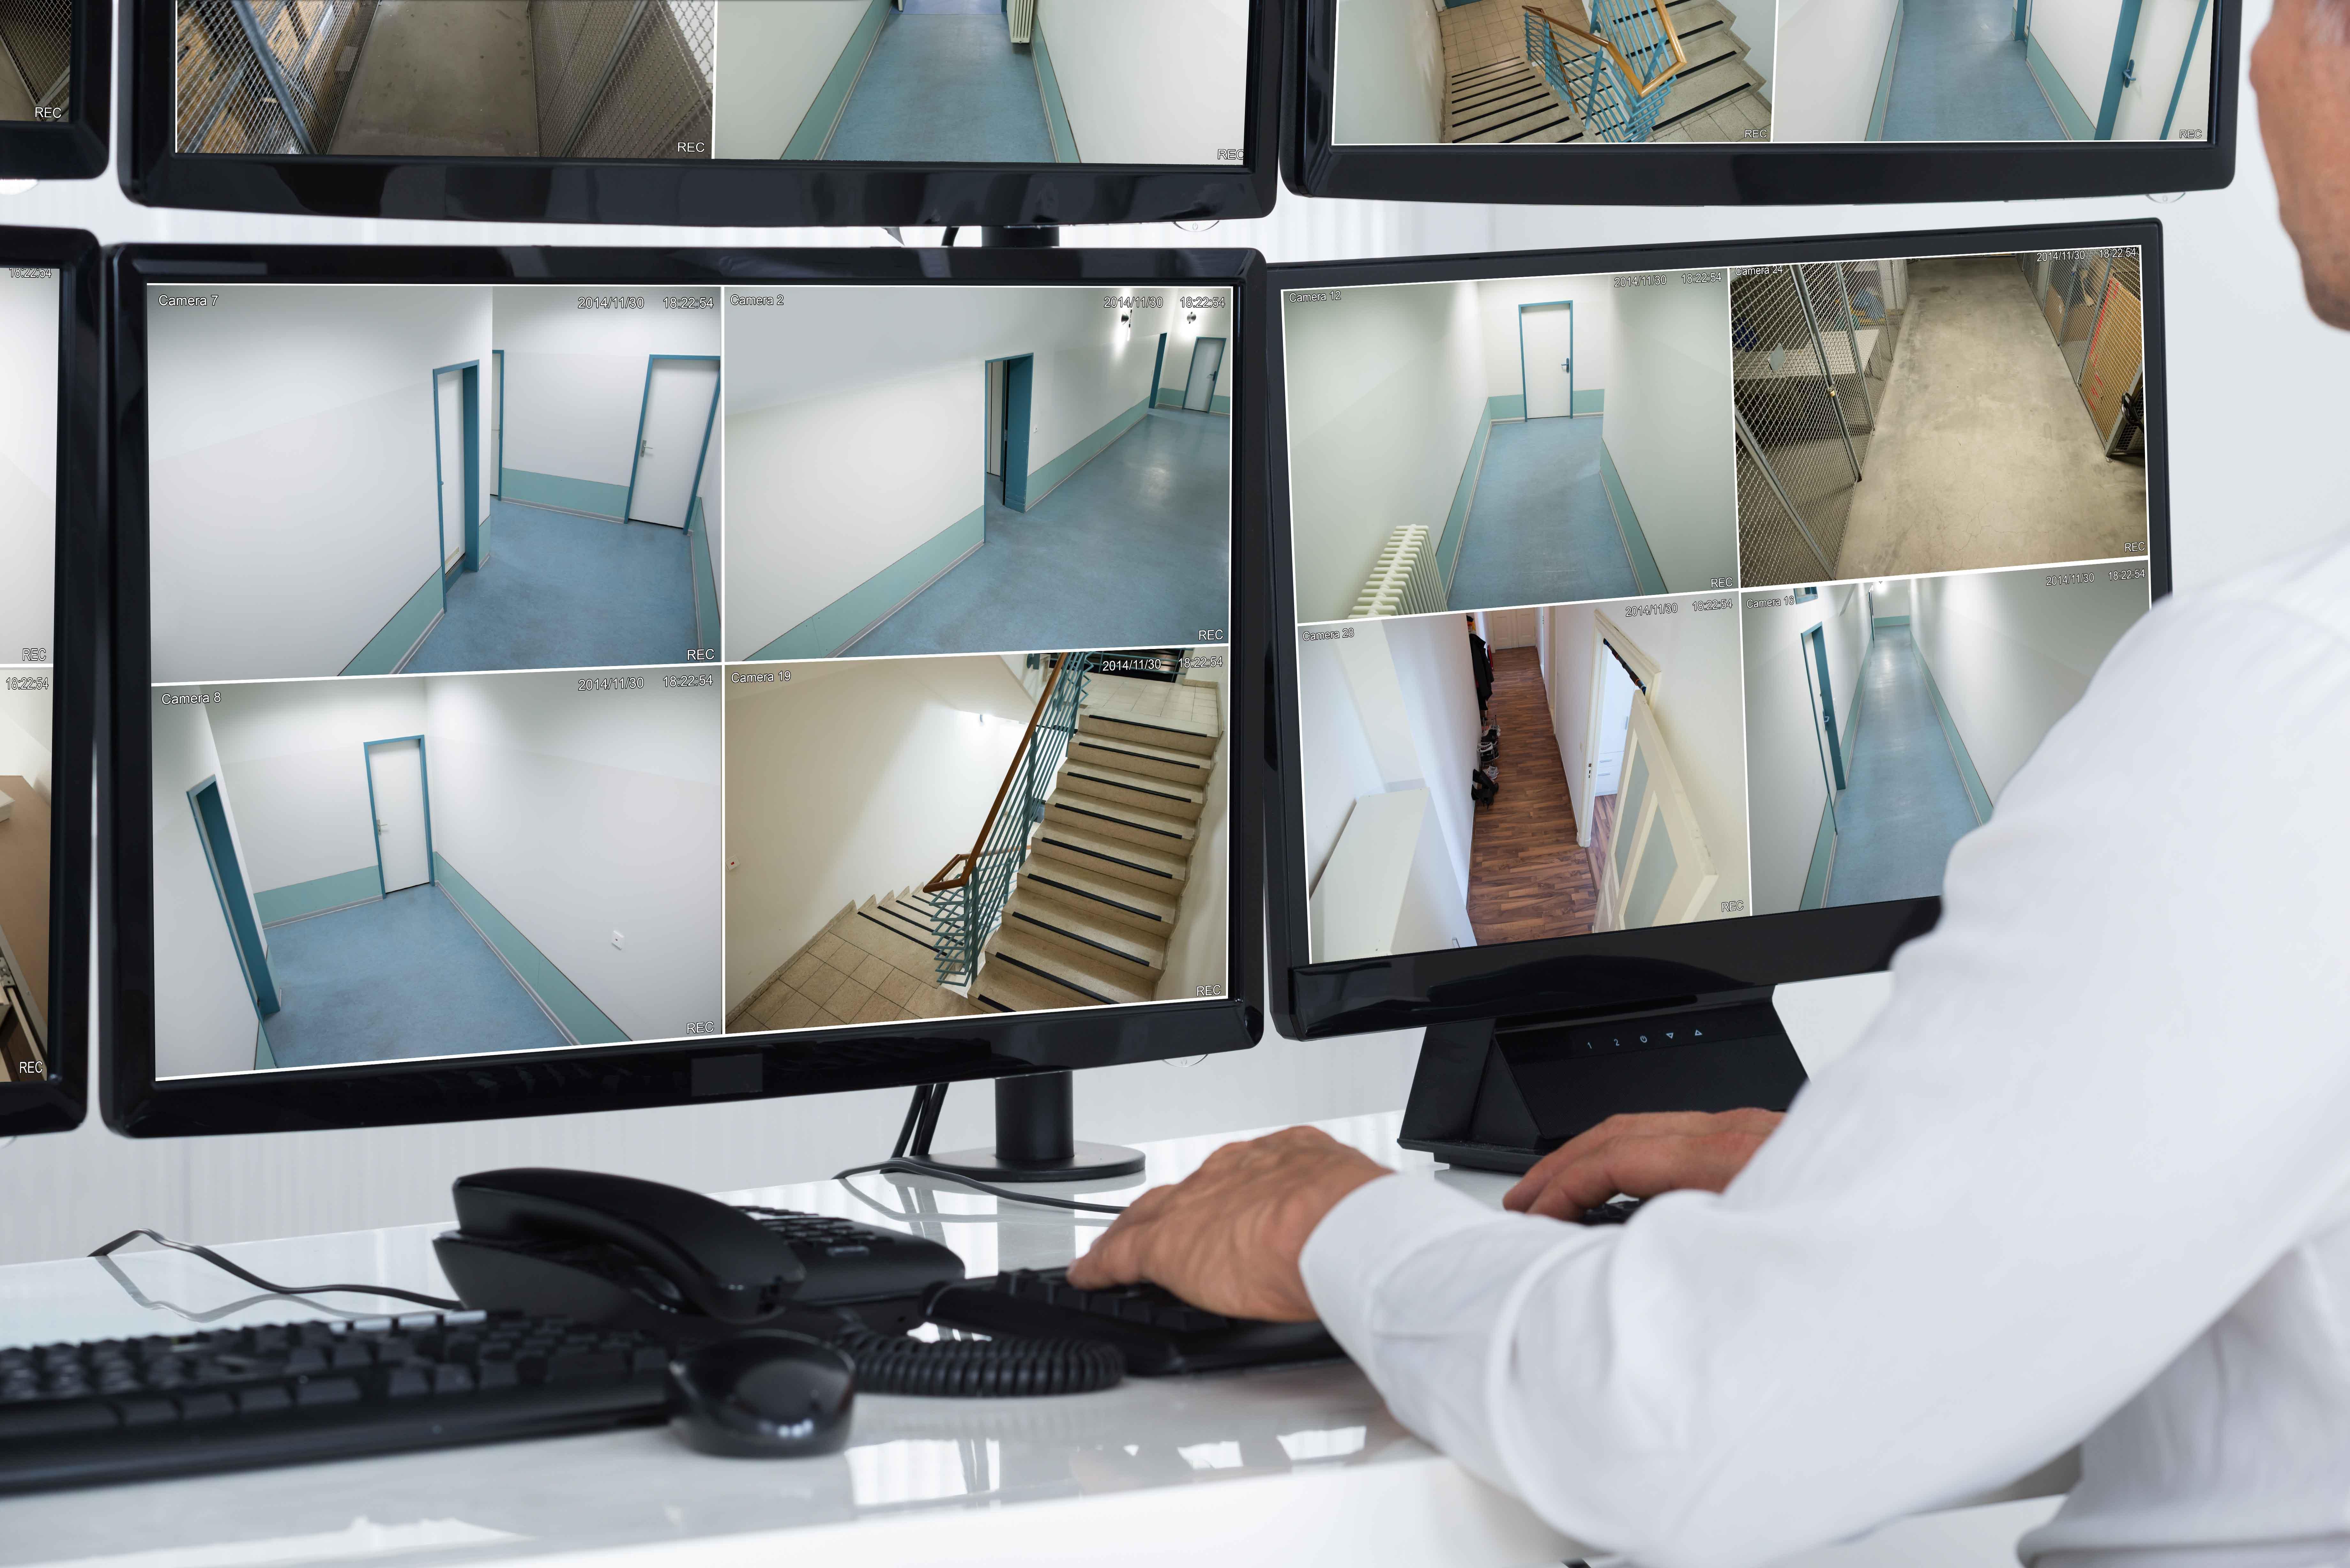 Pantalla de ordenador con imágenes de cámaras de seguridad